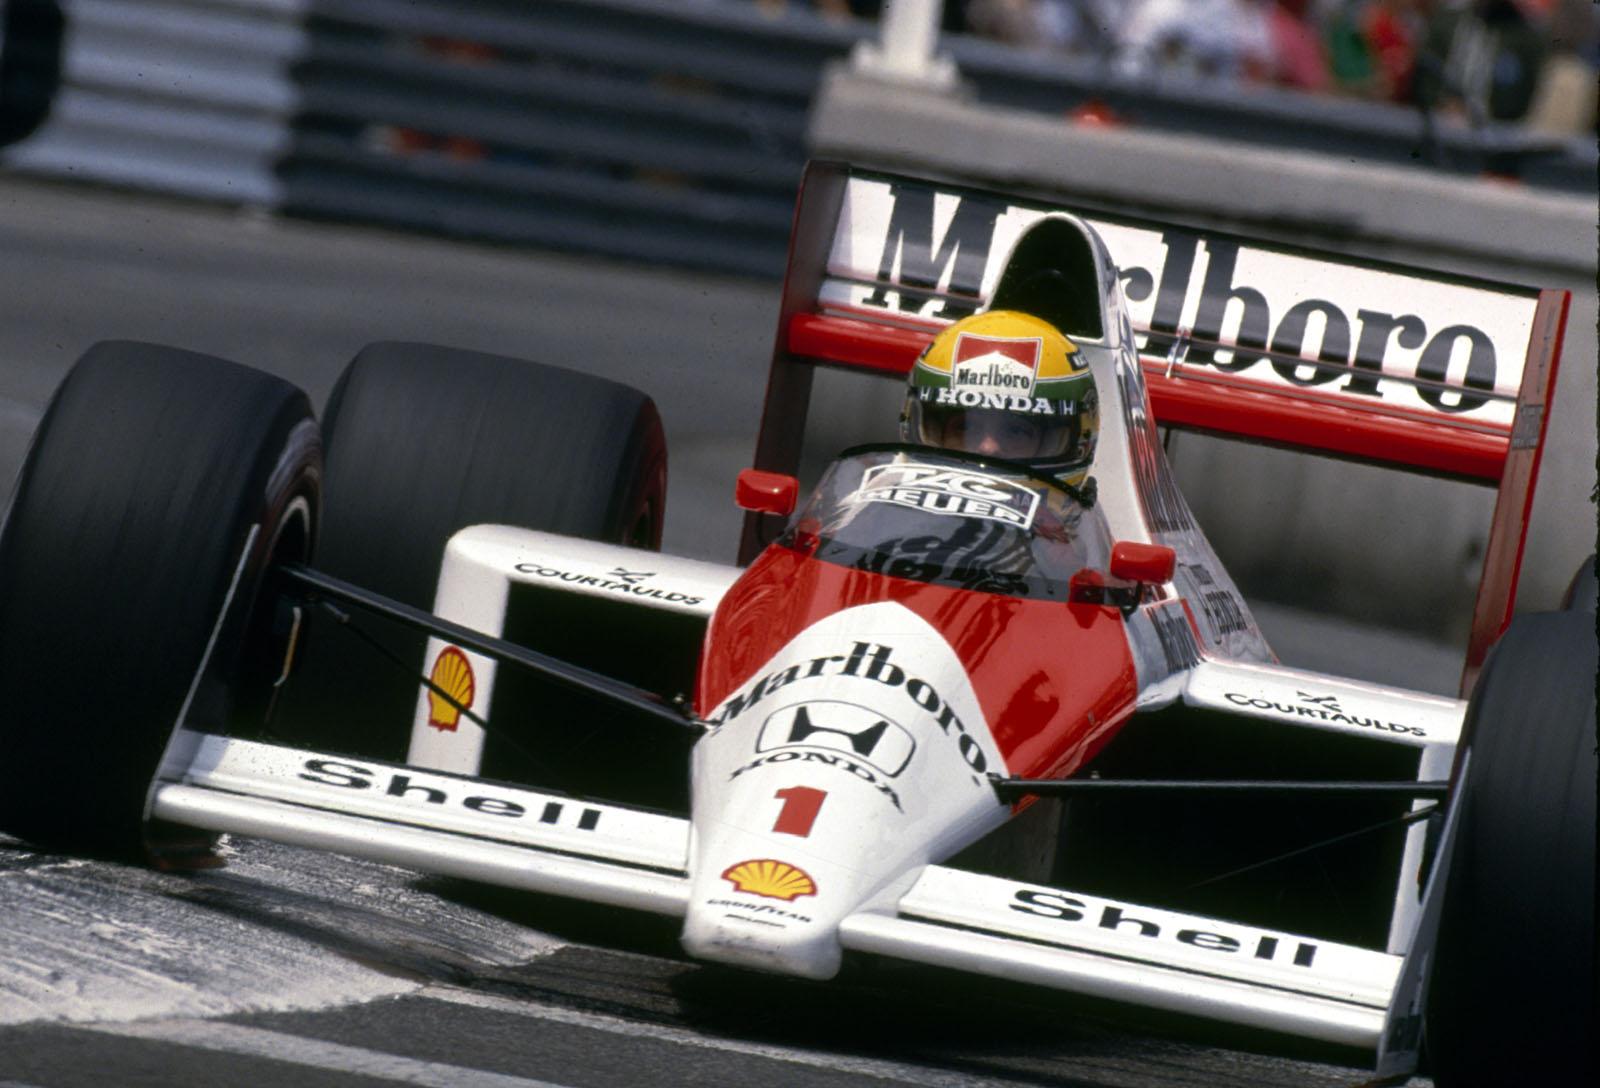 Οι φήμες για μια ιστορική αναβίωση που υποτίθεται ότι βρίσκεται στα σκαριά  έχει πραγματικά αναστατώσει τον κόσμο της Formula 1! 25c32719afc